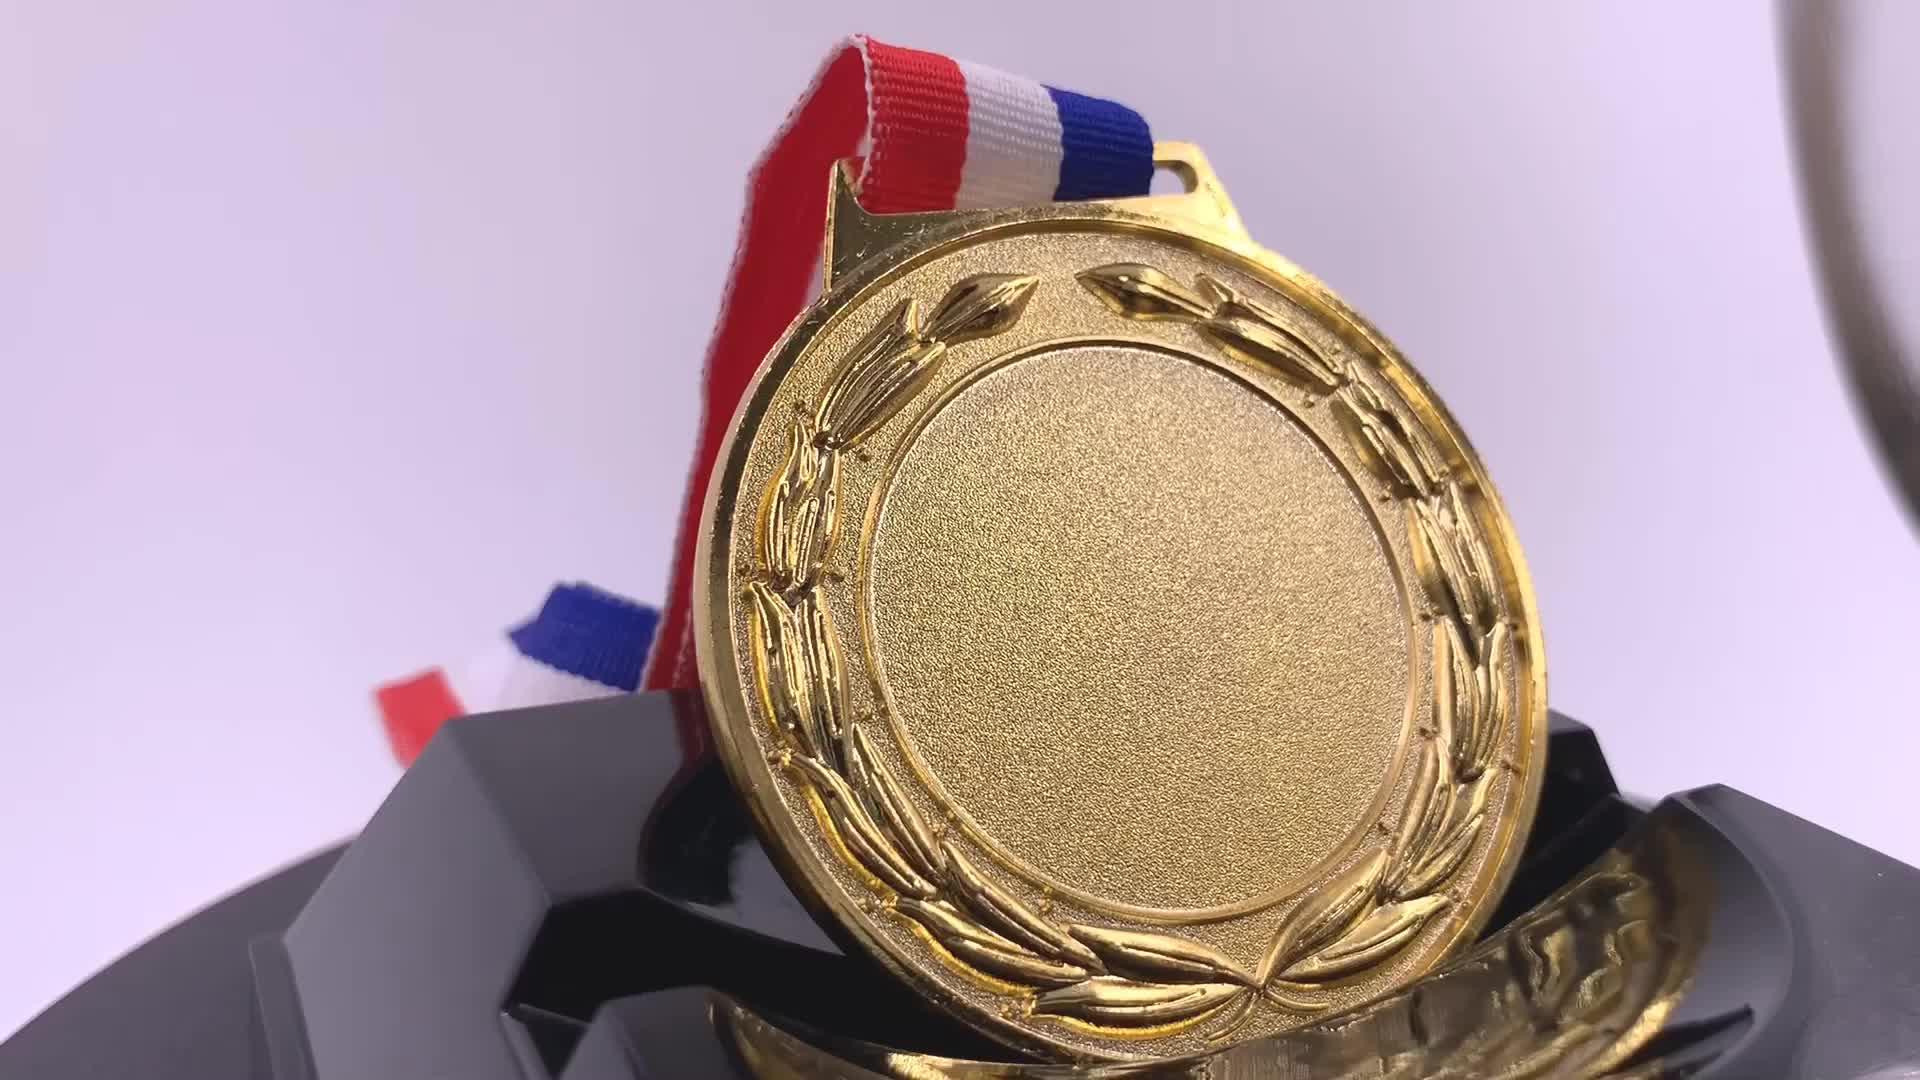 3d कराटे पदक रिक्त उच्च बनाने की क्रिया के लिए कस्टम पदक पदक रिबन